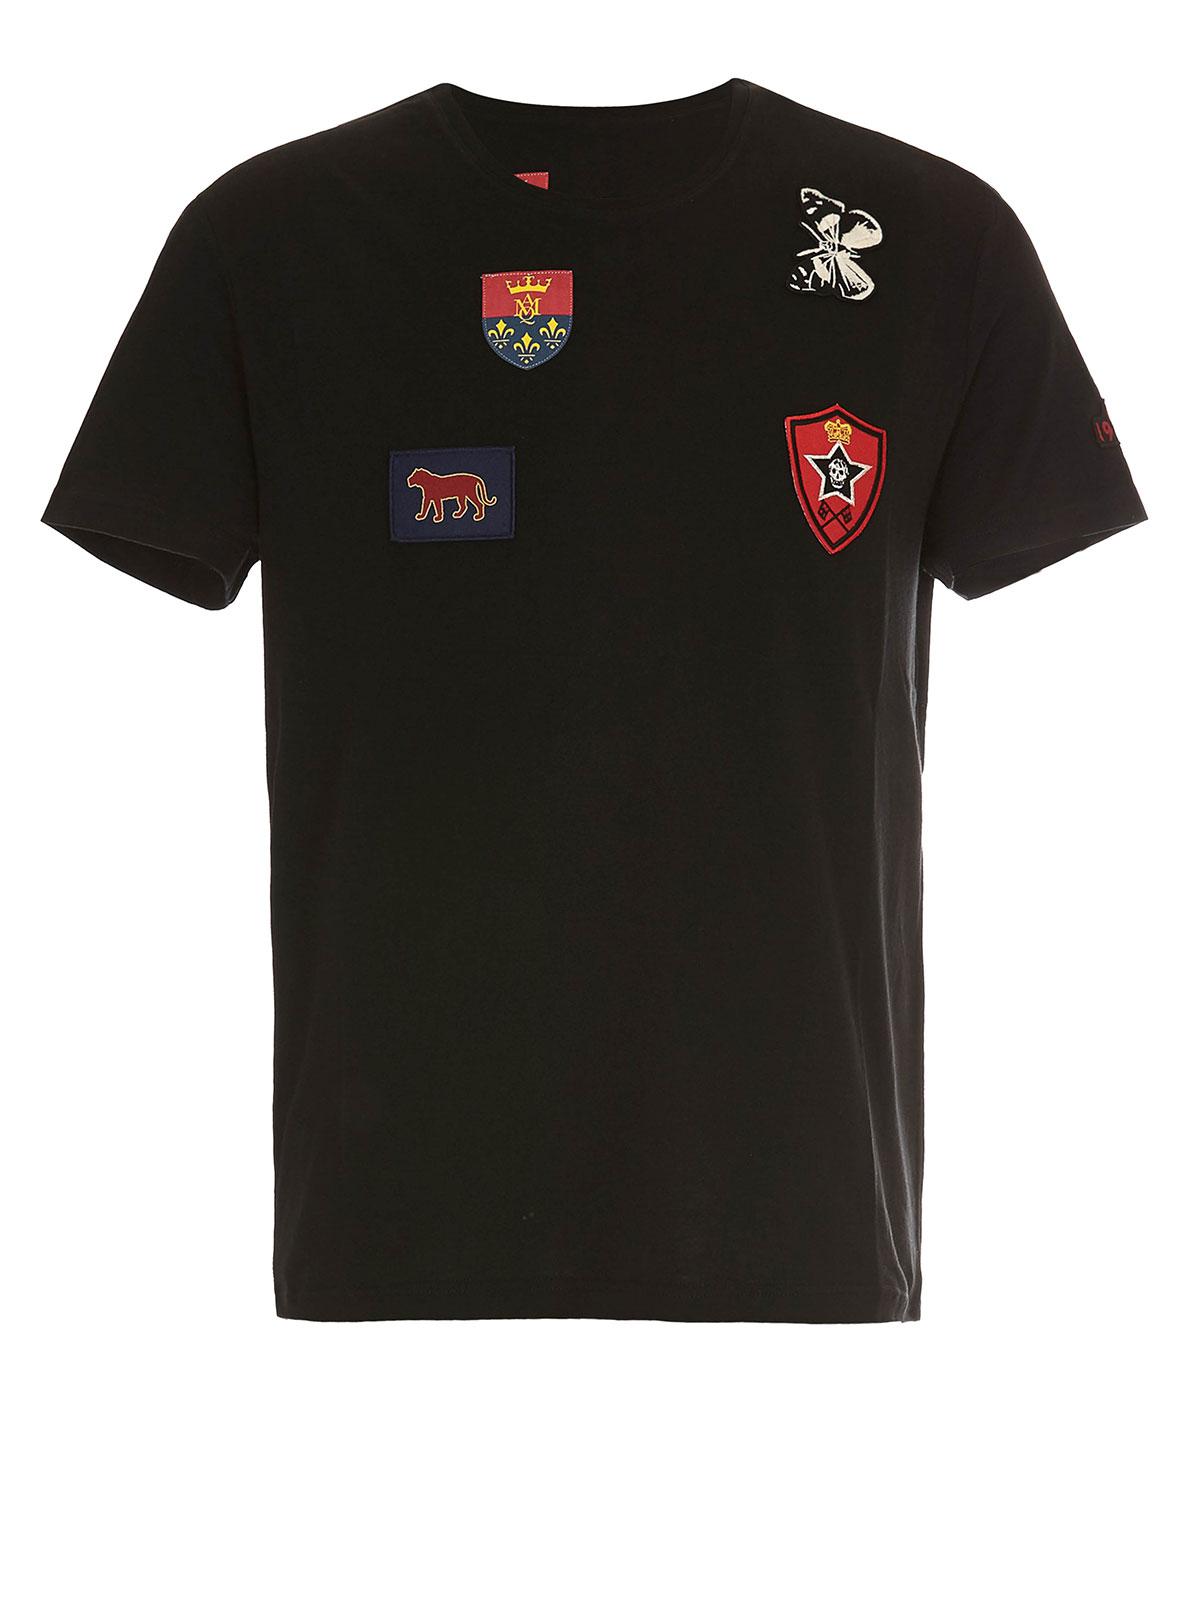 Patch t shirt by alexander mcqueen t shirts shop for Alexander mcqueen shirt men